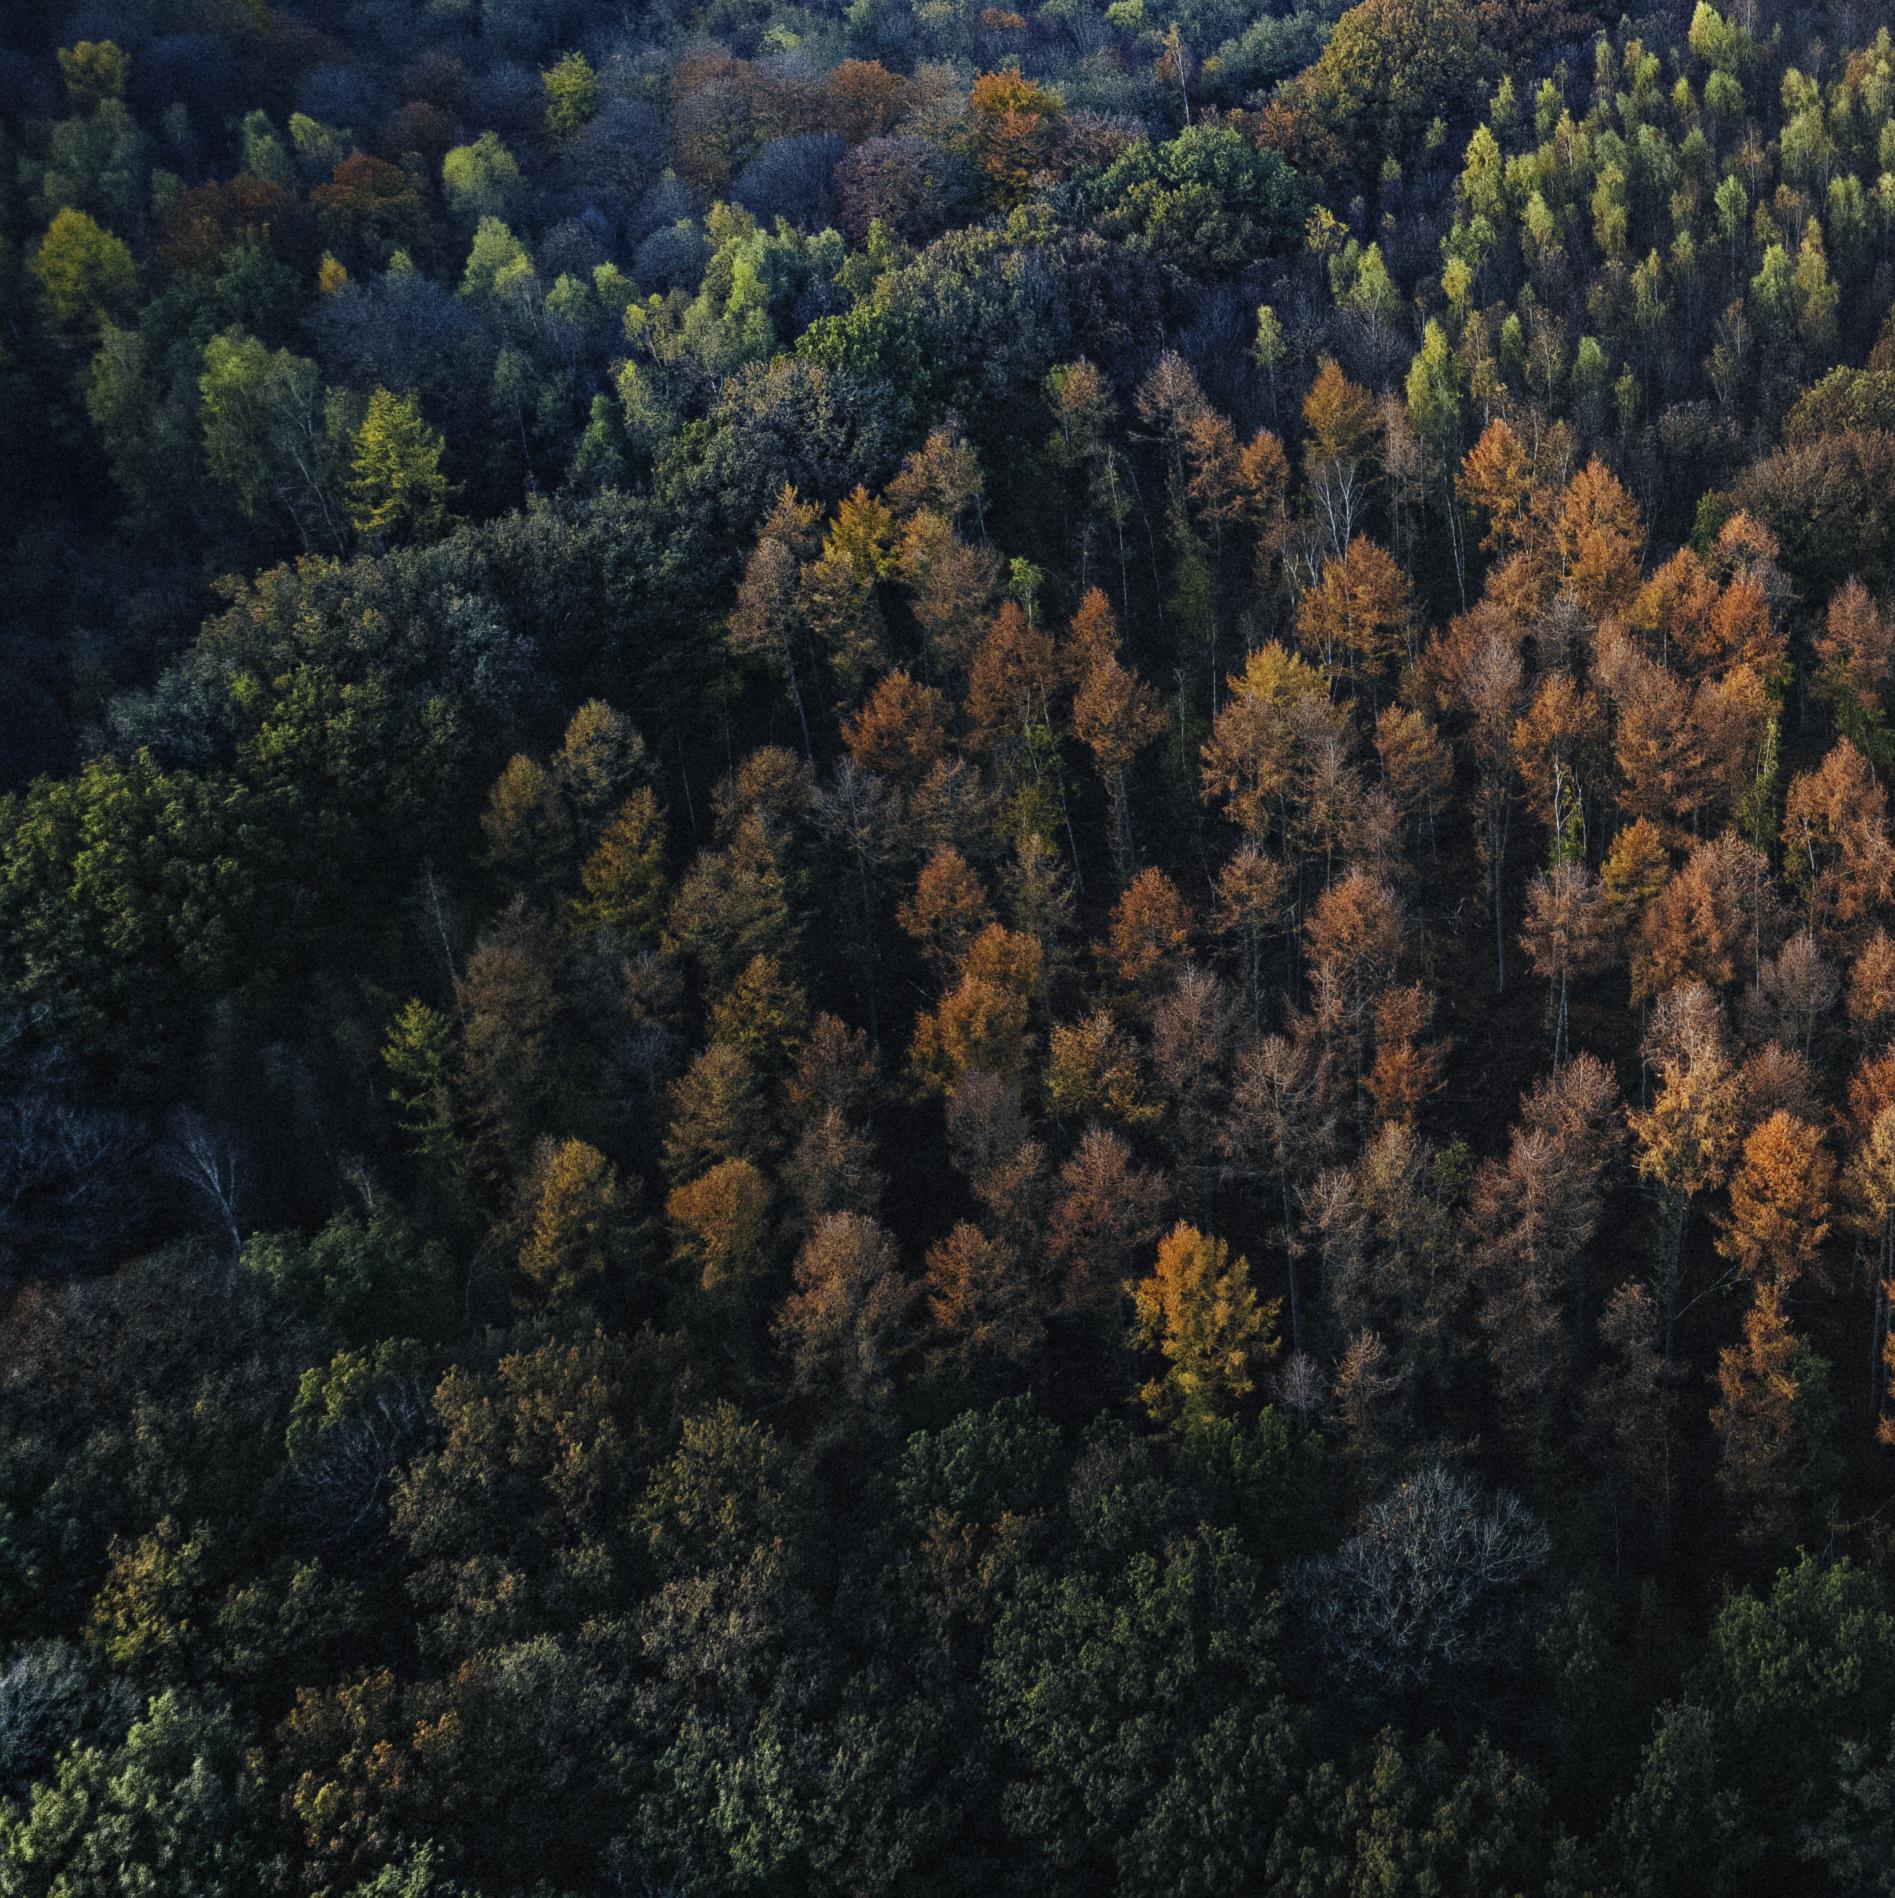 Dronefoto luchtfotografie content creatie